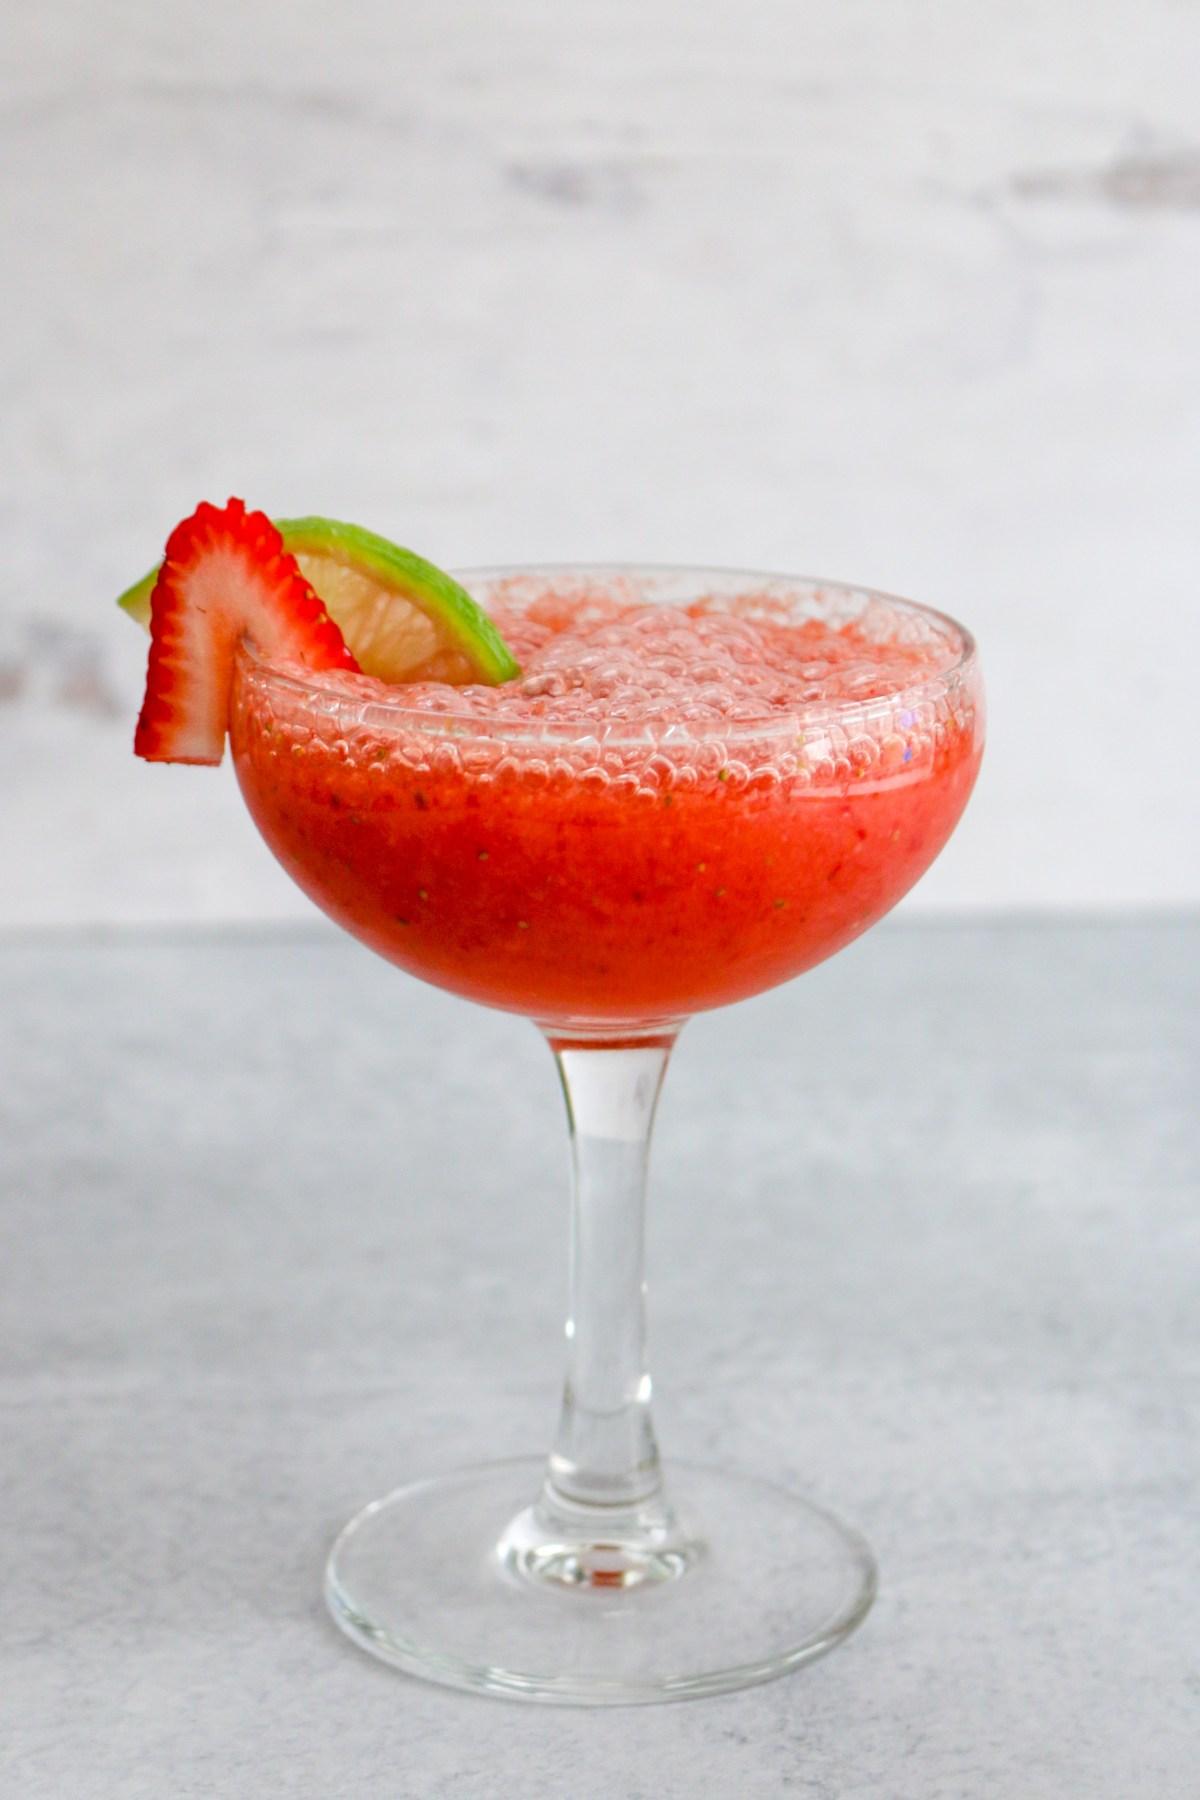 strawberry pineapple daiquiri